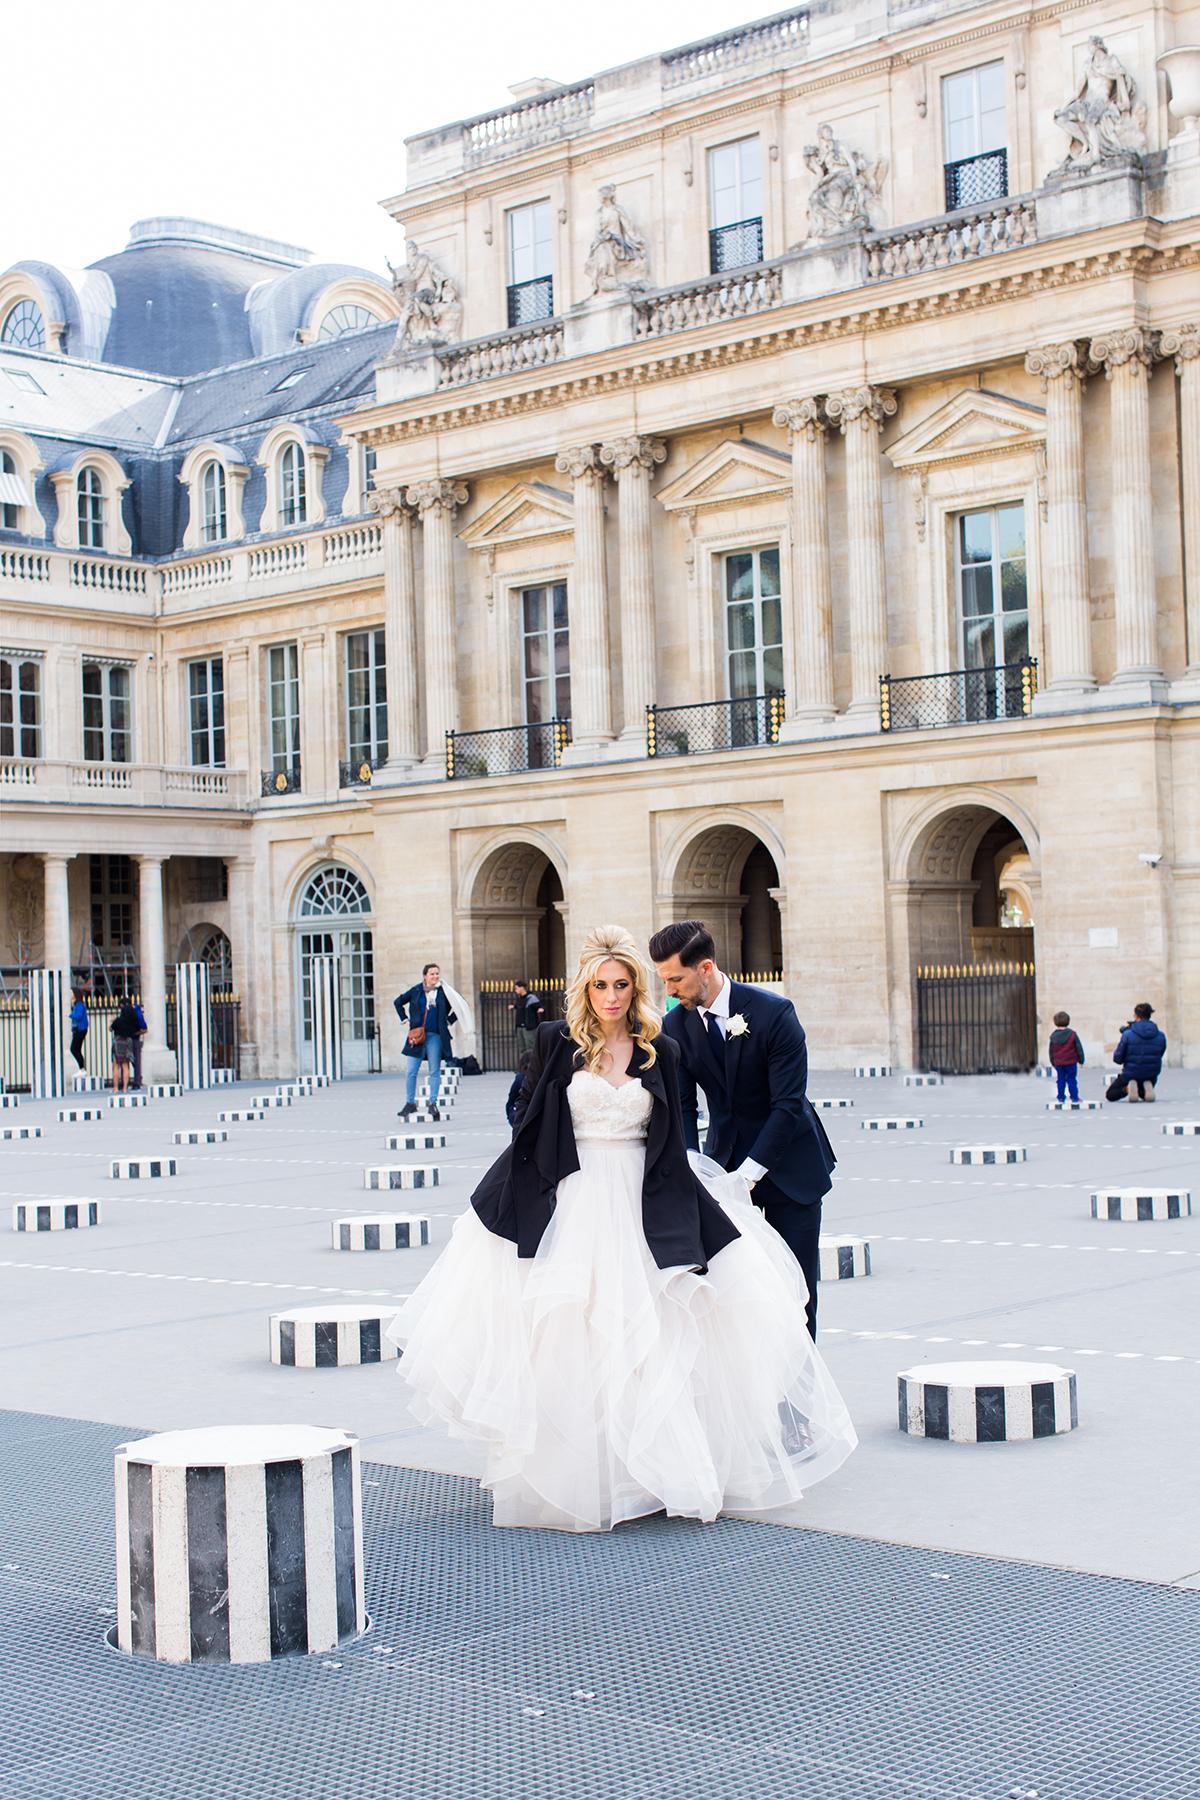 Karen Wise - Destination Wedding Photographer